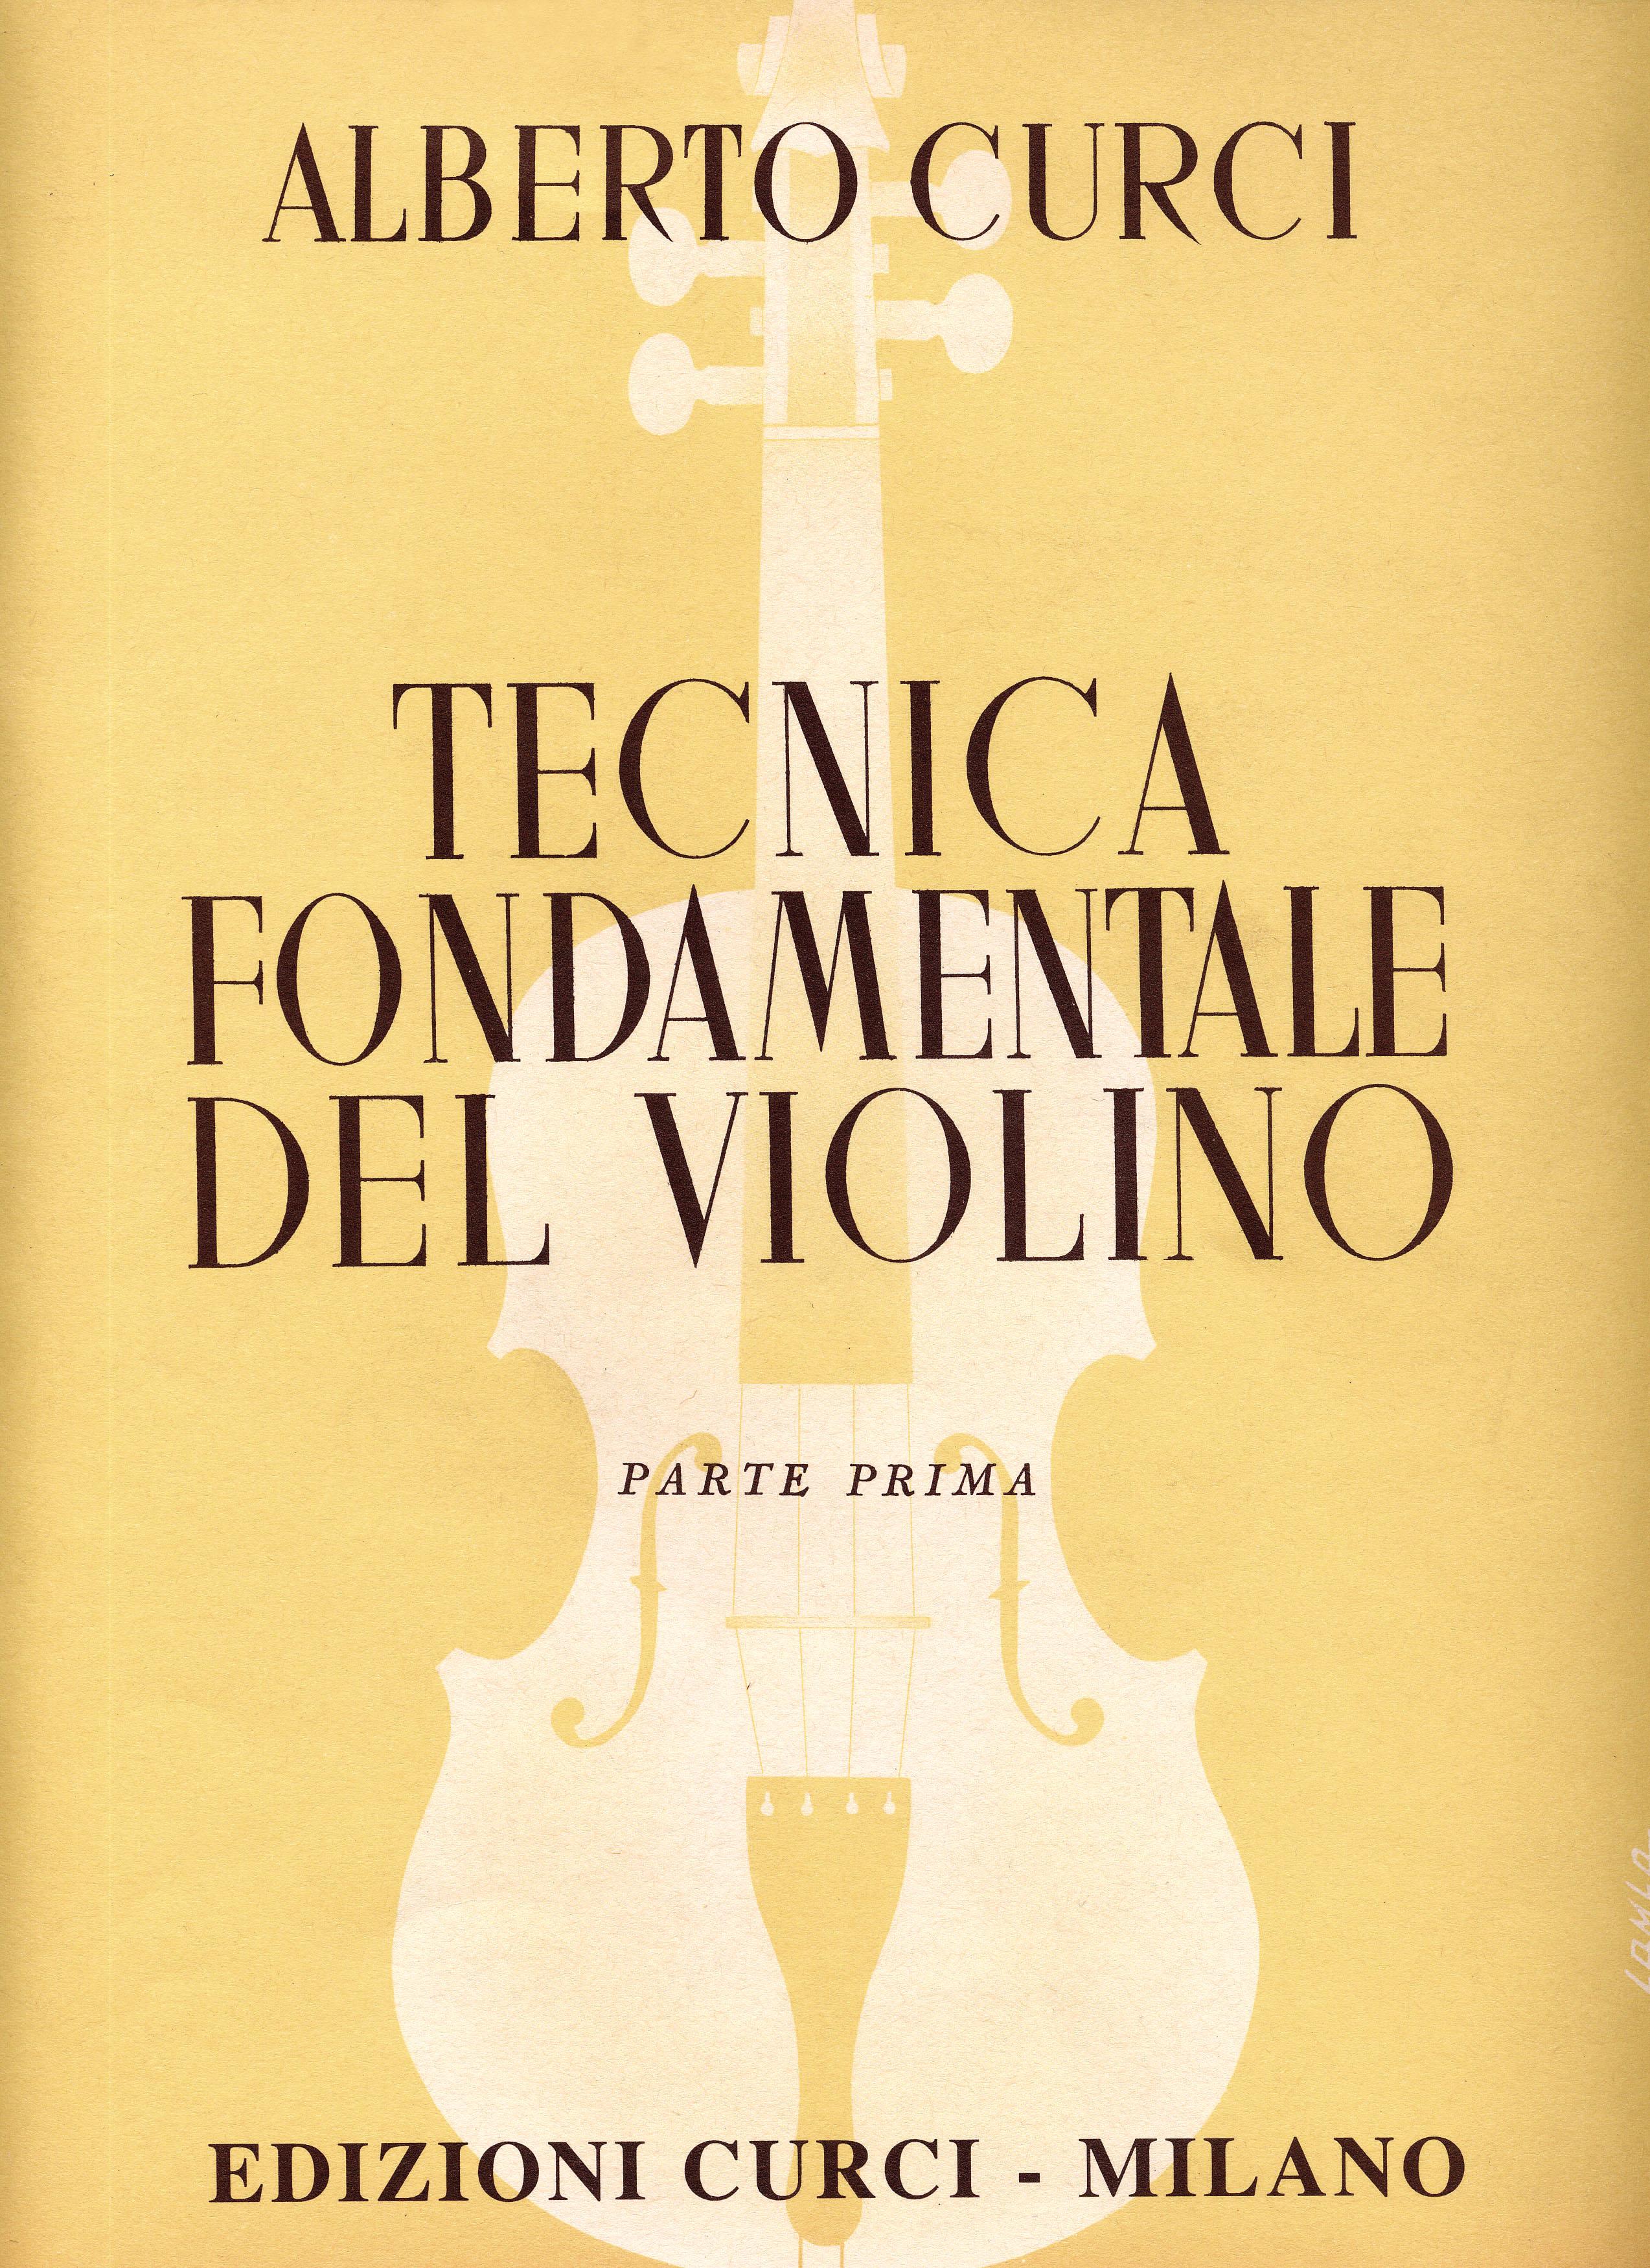 tecnica fondamentale del violino parte 2  Tecnica fondamentale del violino-Edizioni Curci - Catalogo